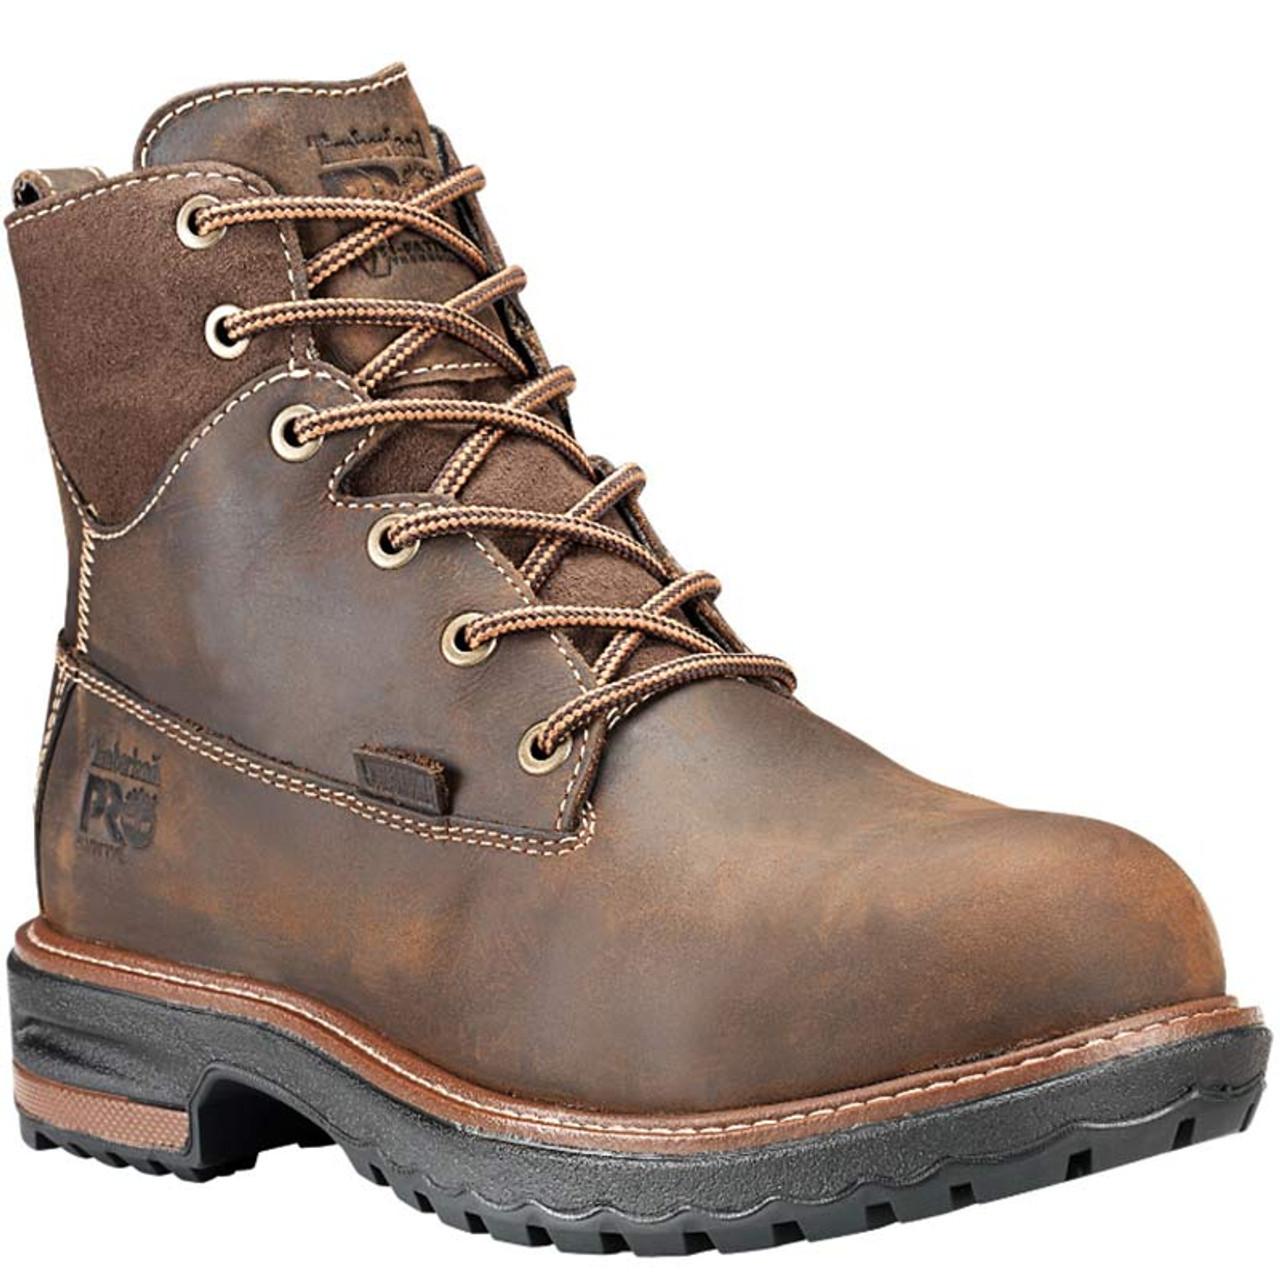 710d16c4c9e Timberland PRO A1KKS214 Women's HIGHTOWER Safety Toe Waterproof Work Boots